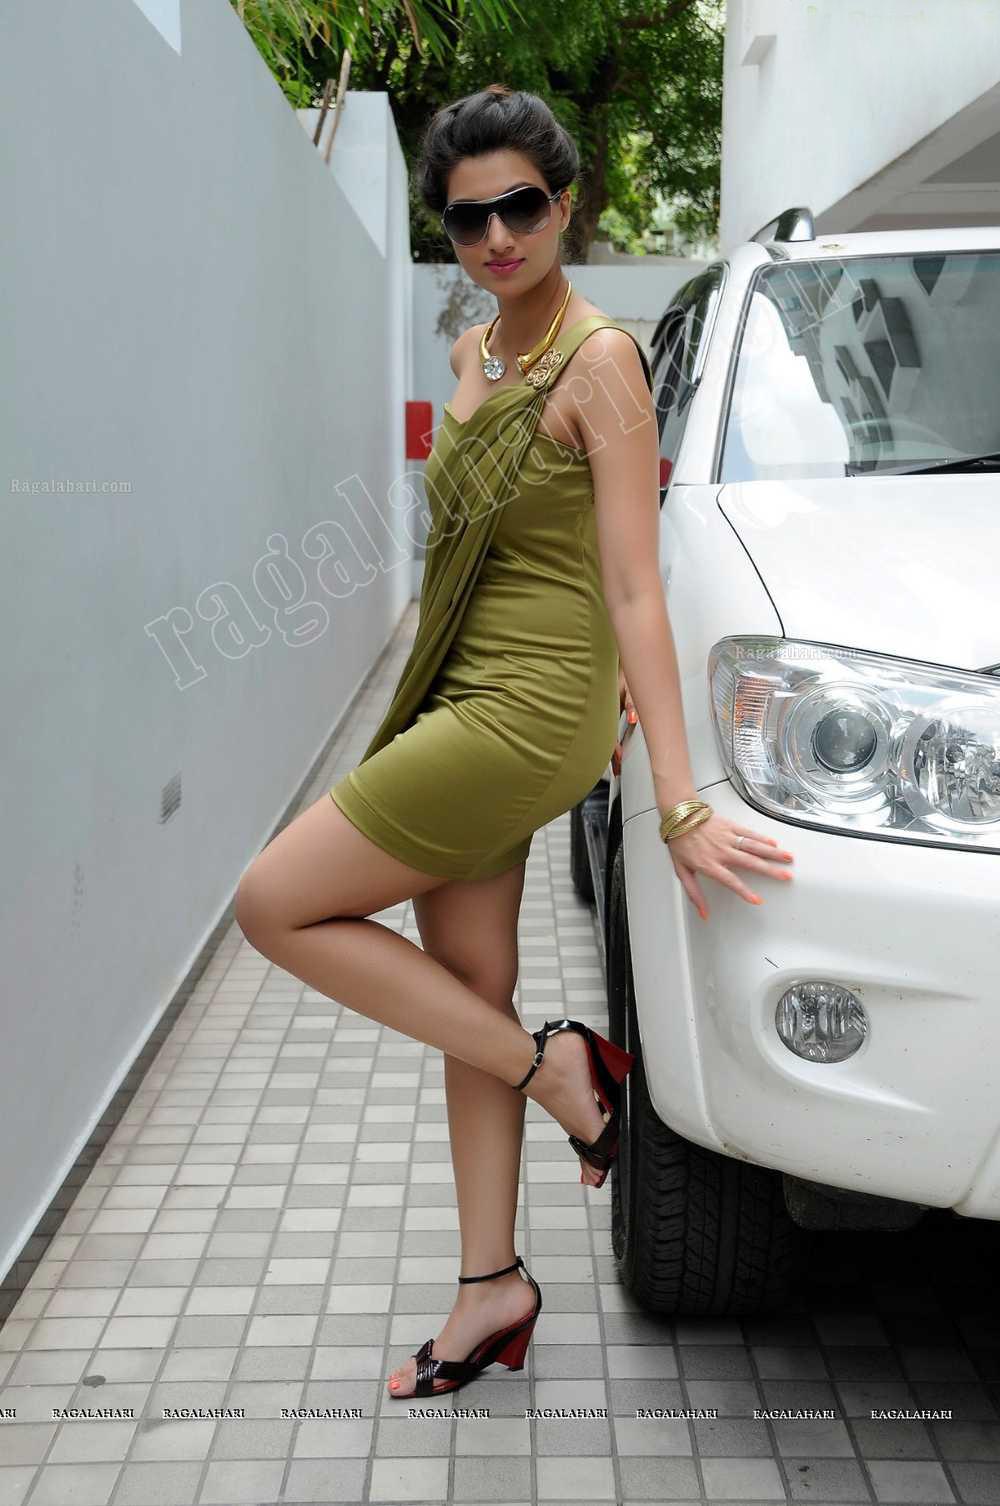 Desi Wife In Short Dress